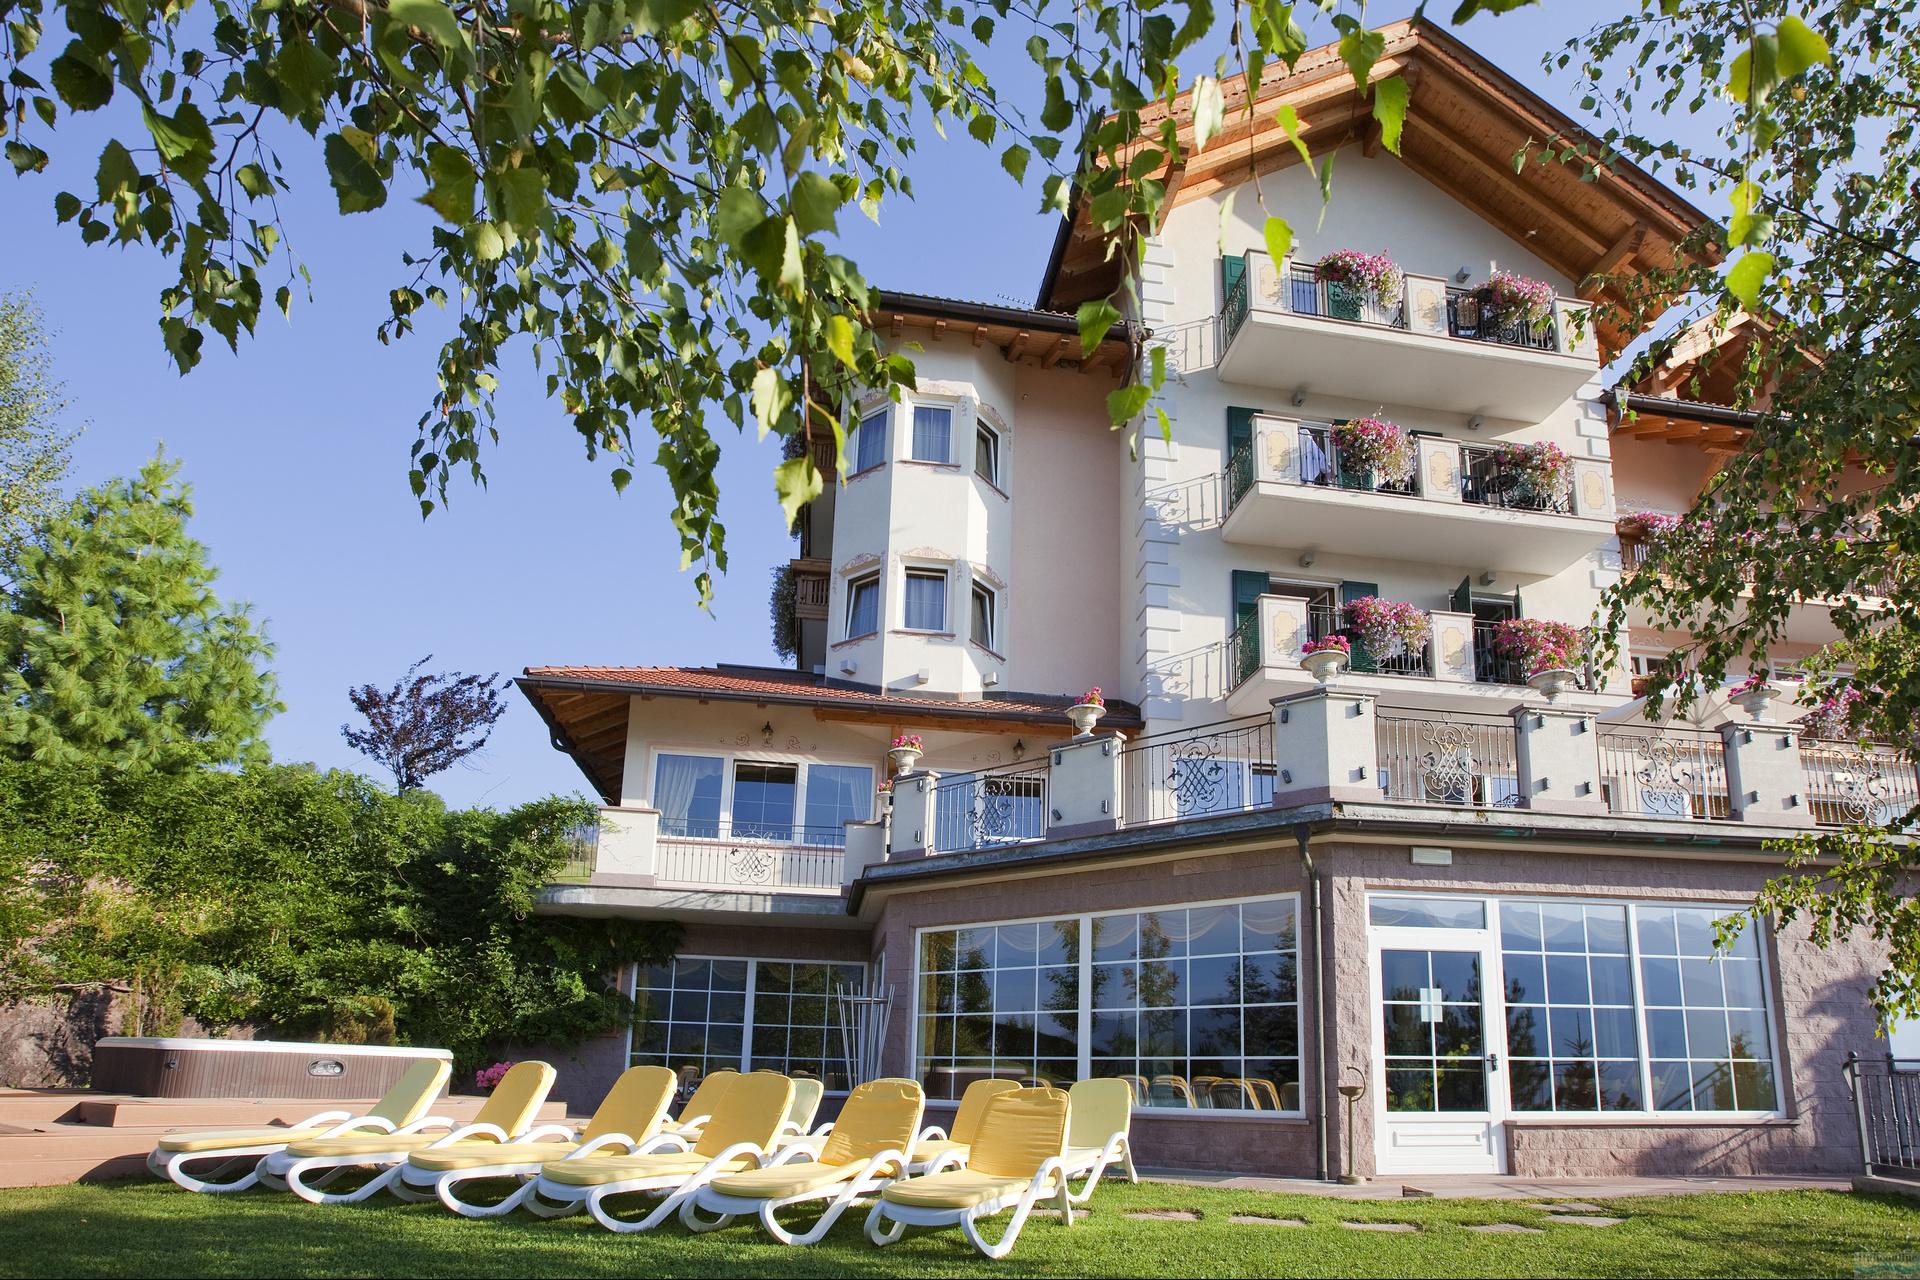 Hotel lagorai cavalese italia italieonline - Hotel cavalese con piscina ...